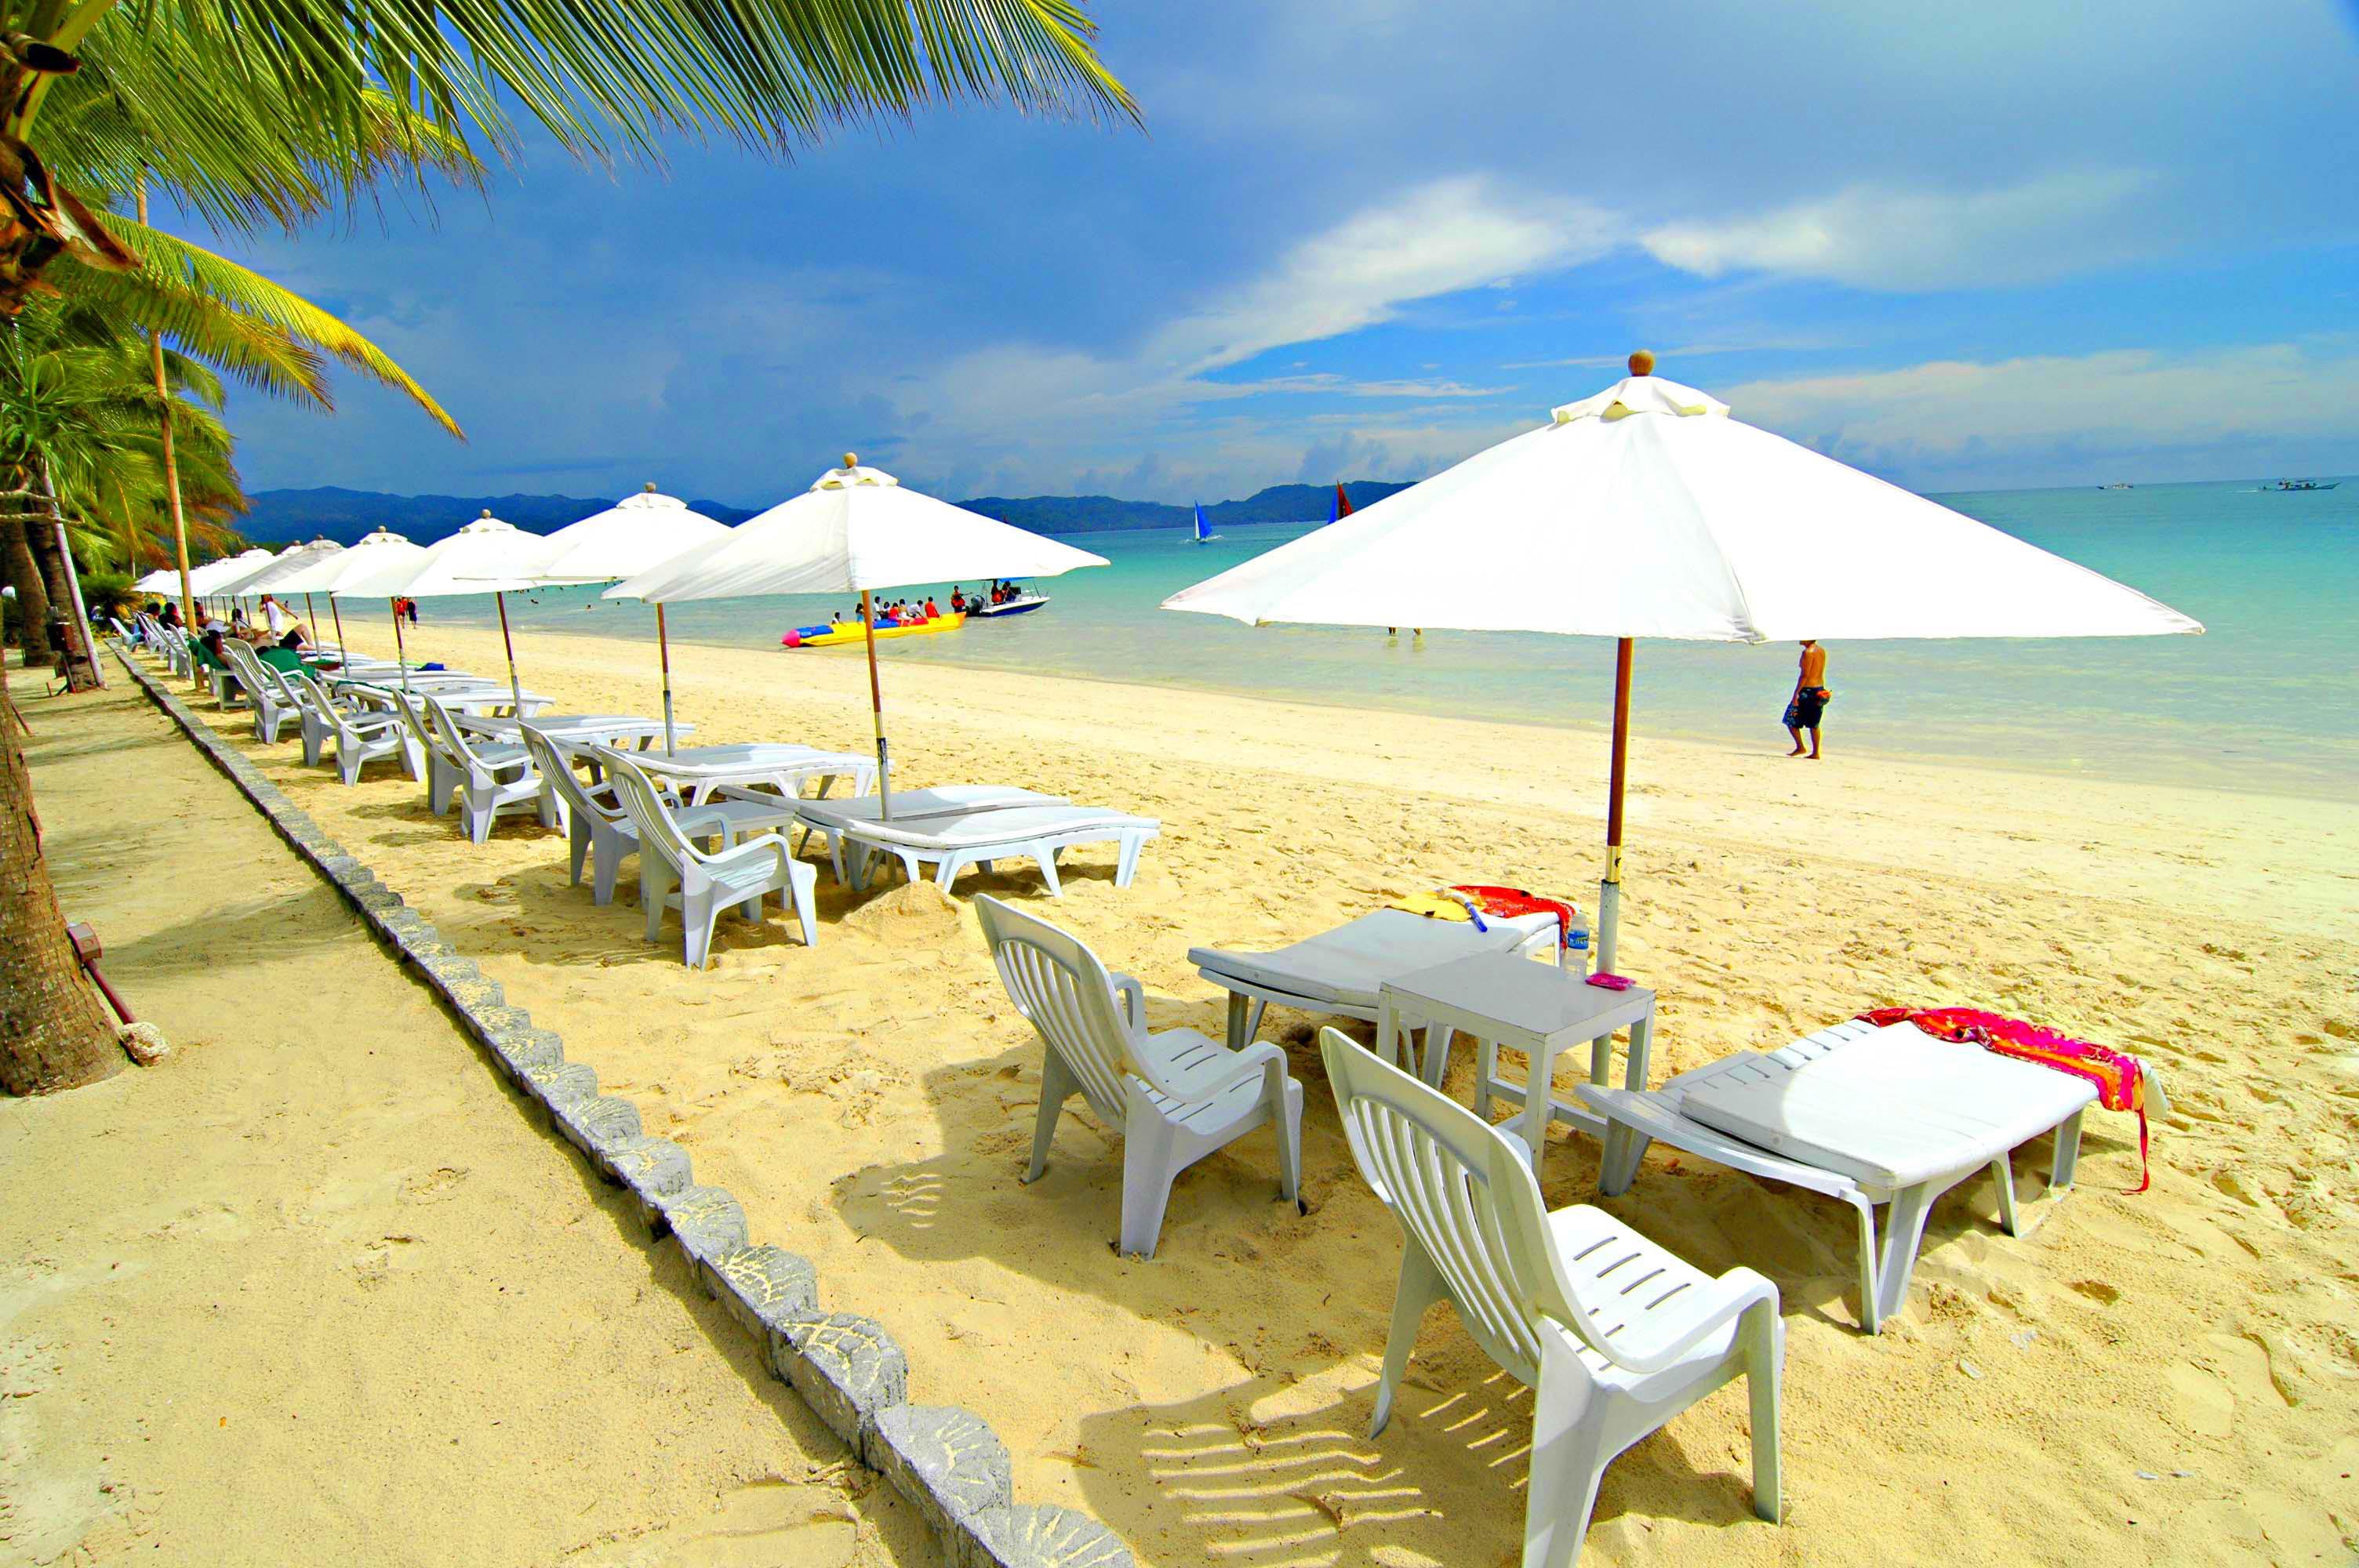 菲律宾宿务 资生堂岛6日5晚跟团游(3钻)·厦航正班,直达城市,无需转机